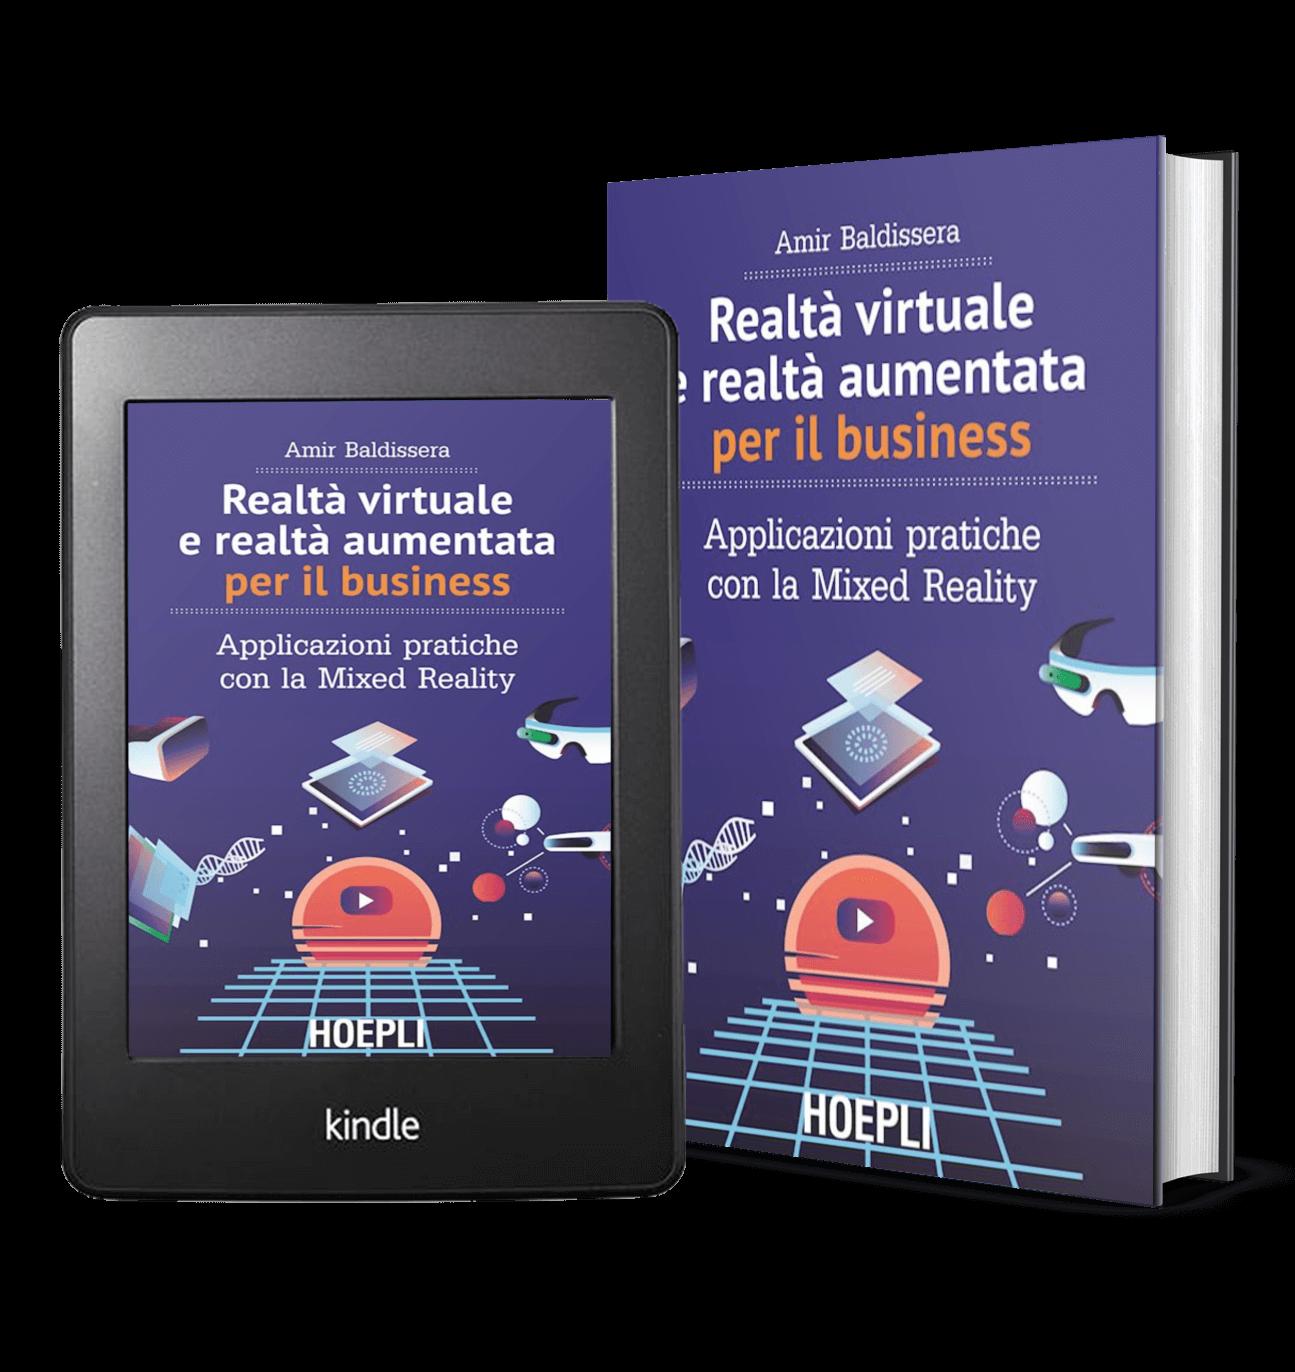 Realtà virtuale e realtà aumentata per il business: Applicazioni pratiche con la Mixed Reality